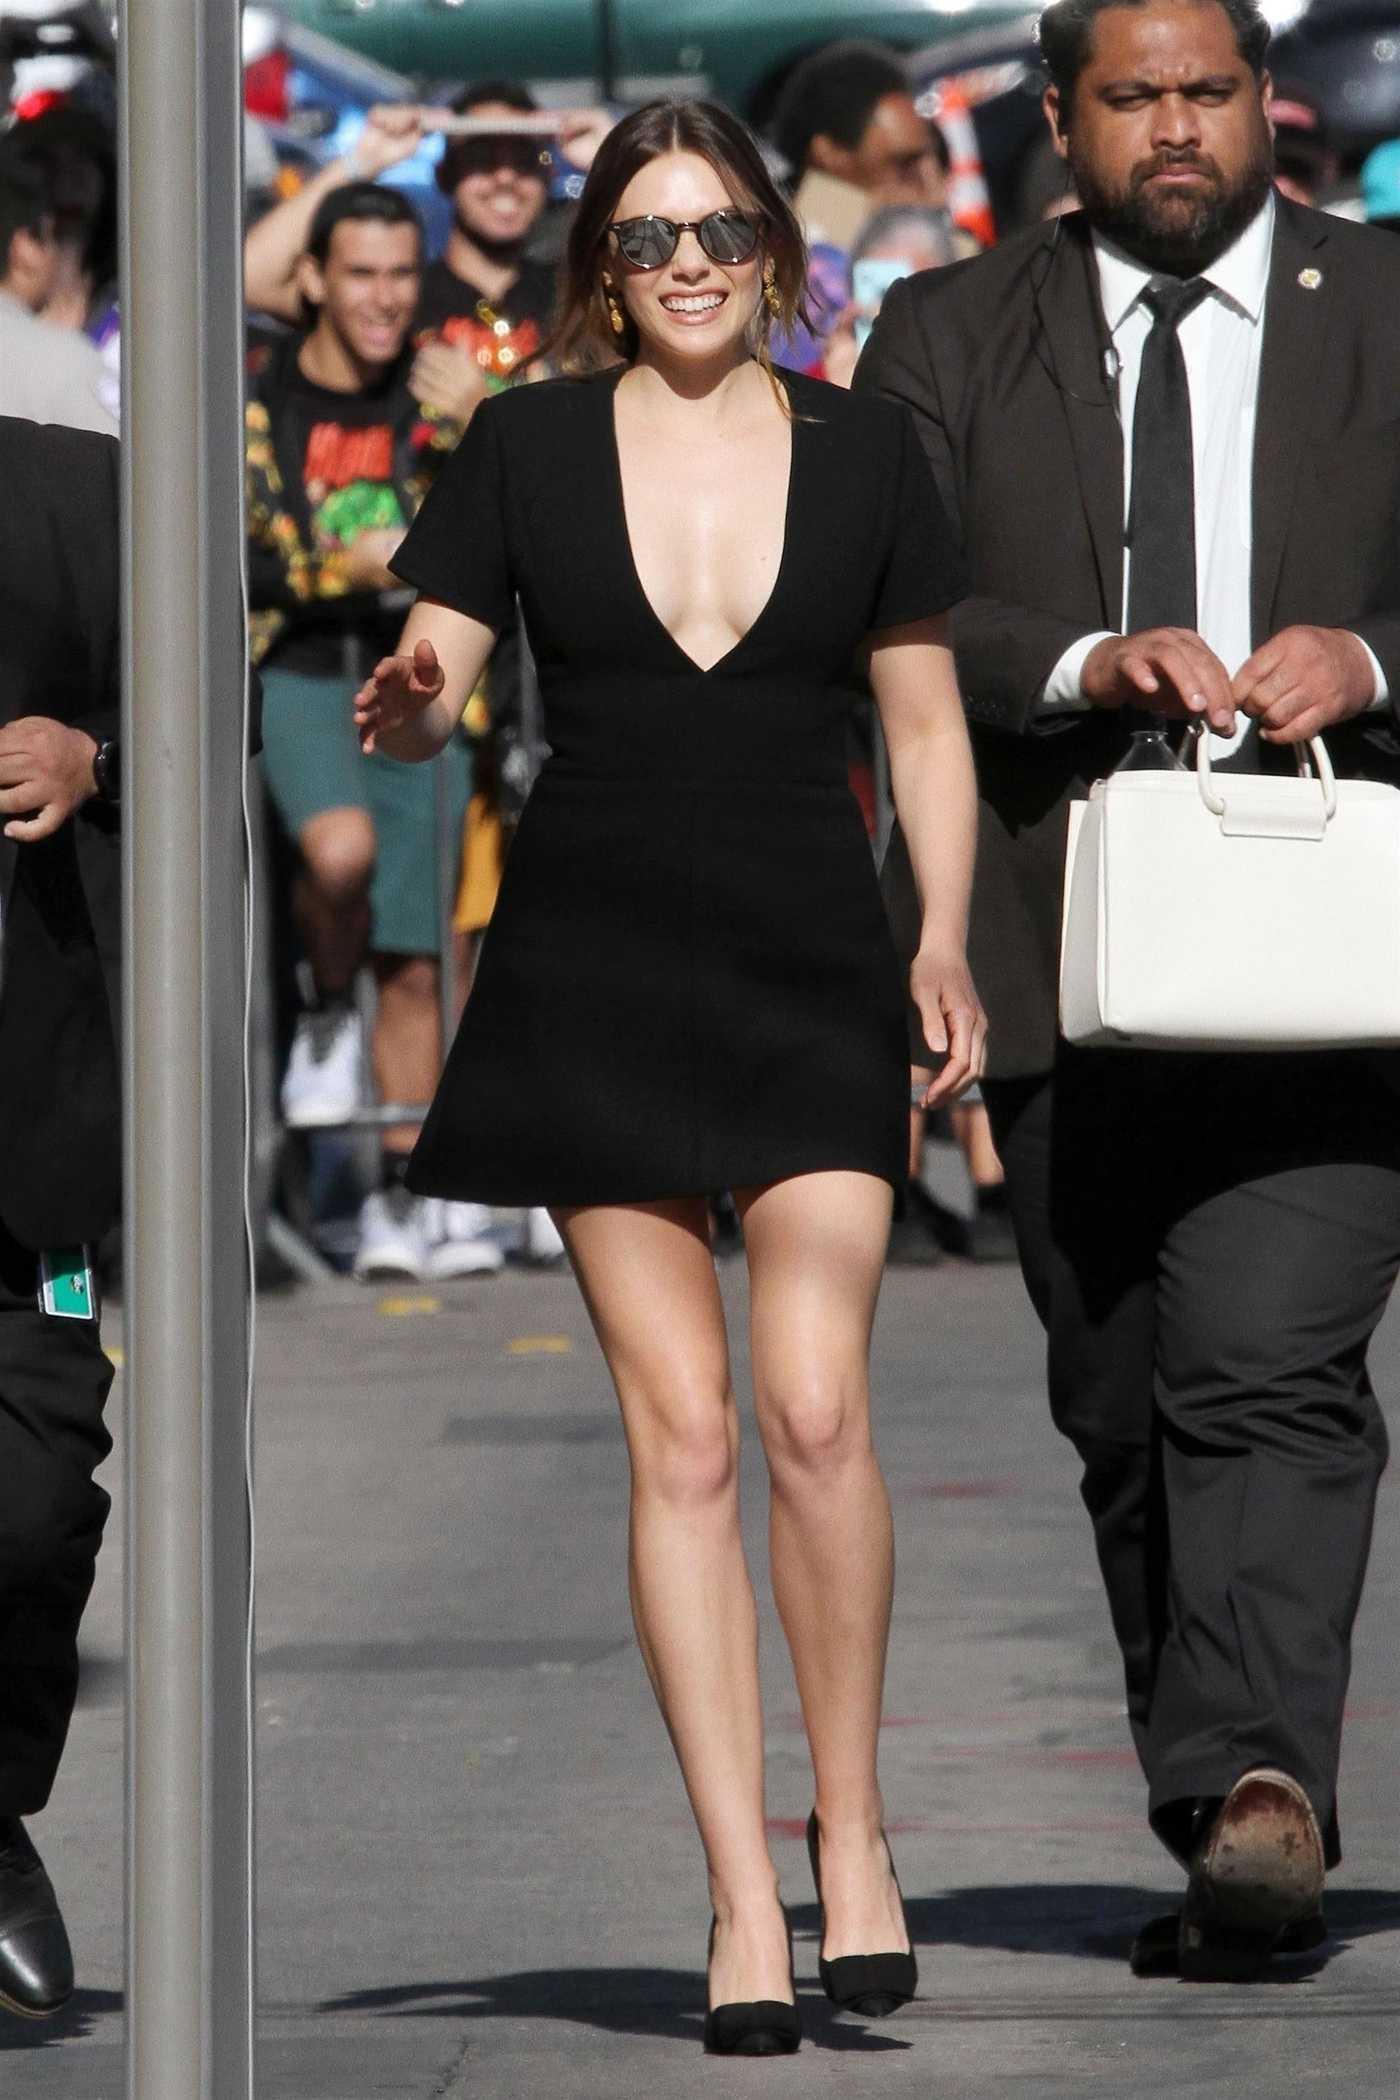 Elizabeth Olsen Arrives at Jimmy Kimmel Live in Hollywood 04/26/2018